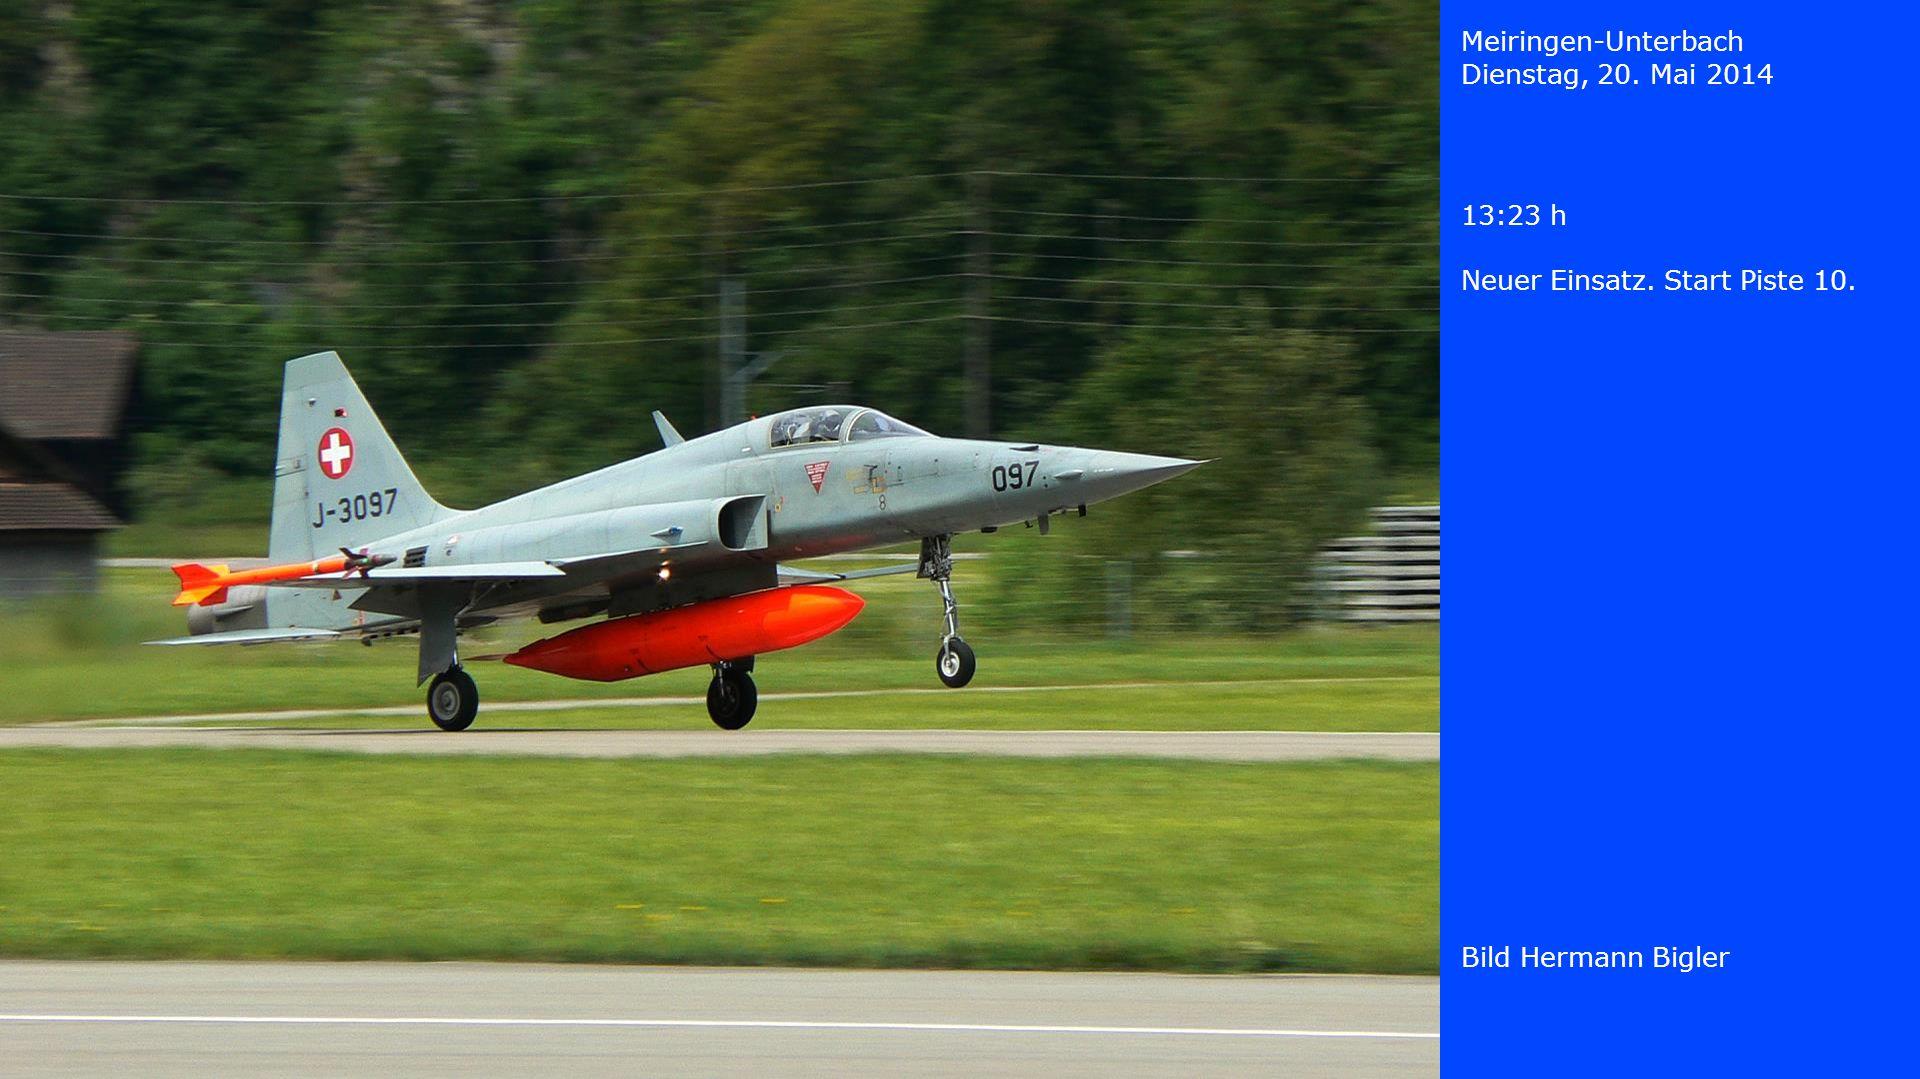 Meiringen-Unterbach Dienstag, 20. Mai 2014. 13:23 h.